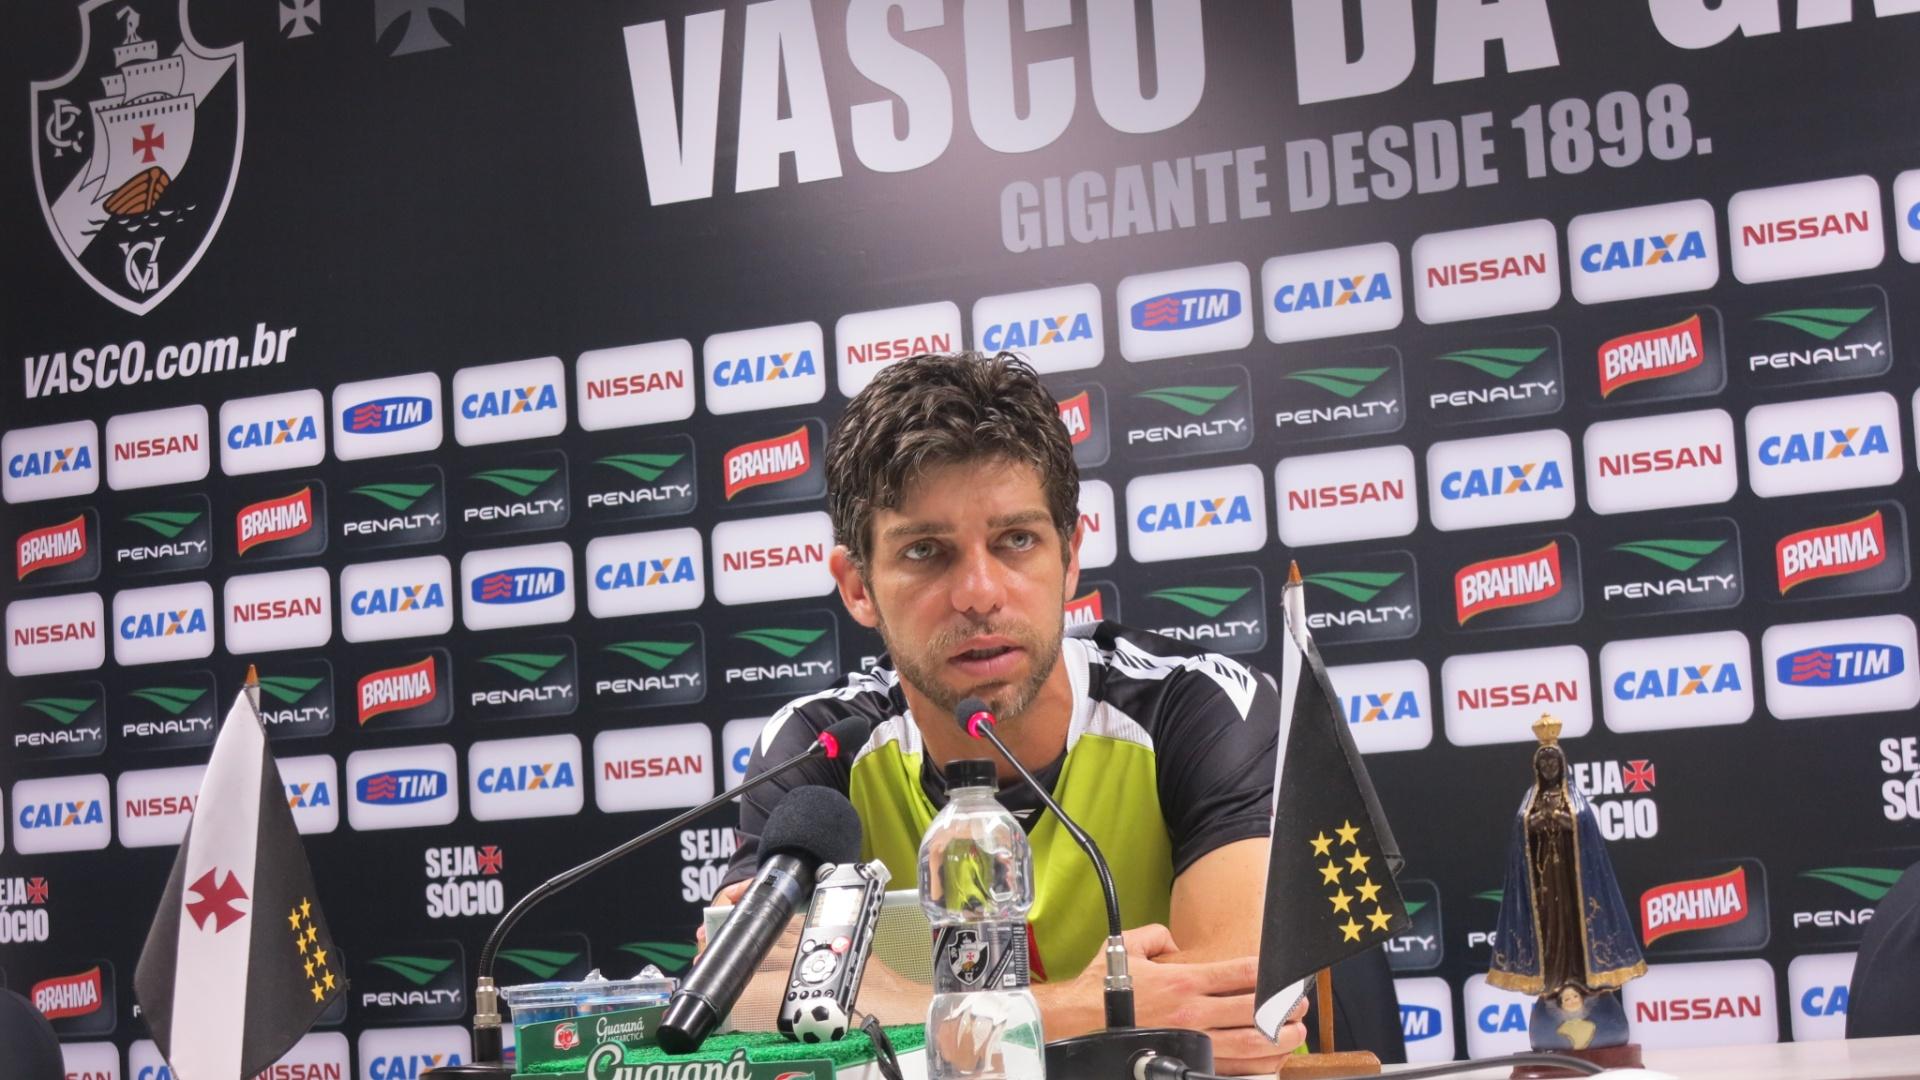 Juninho Pernambucano concede entrevista coletiva no estádio de São Januário (16/09/2013)